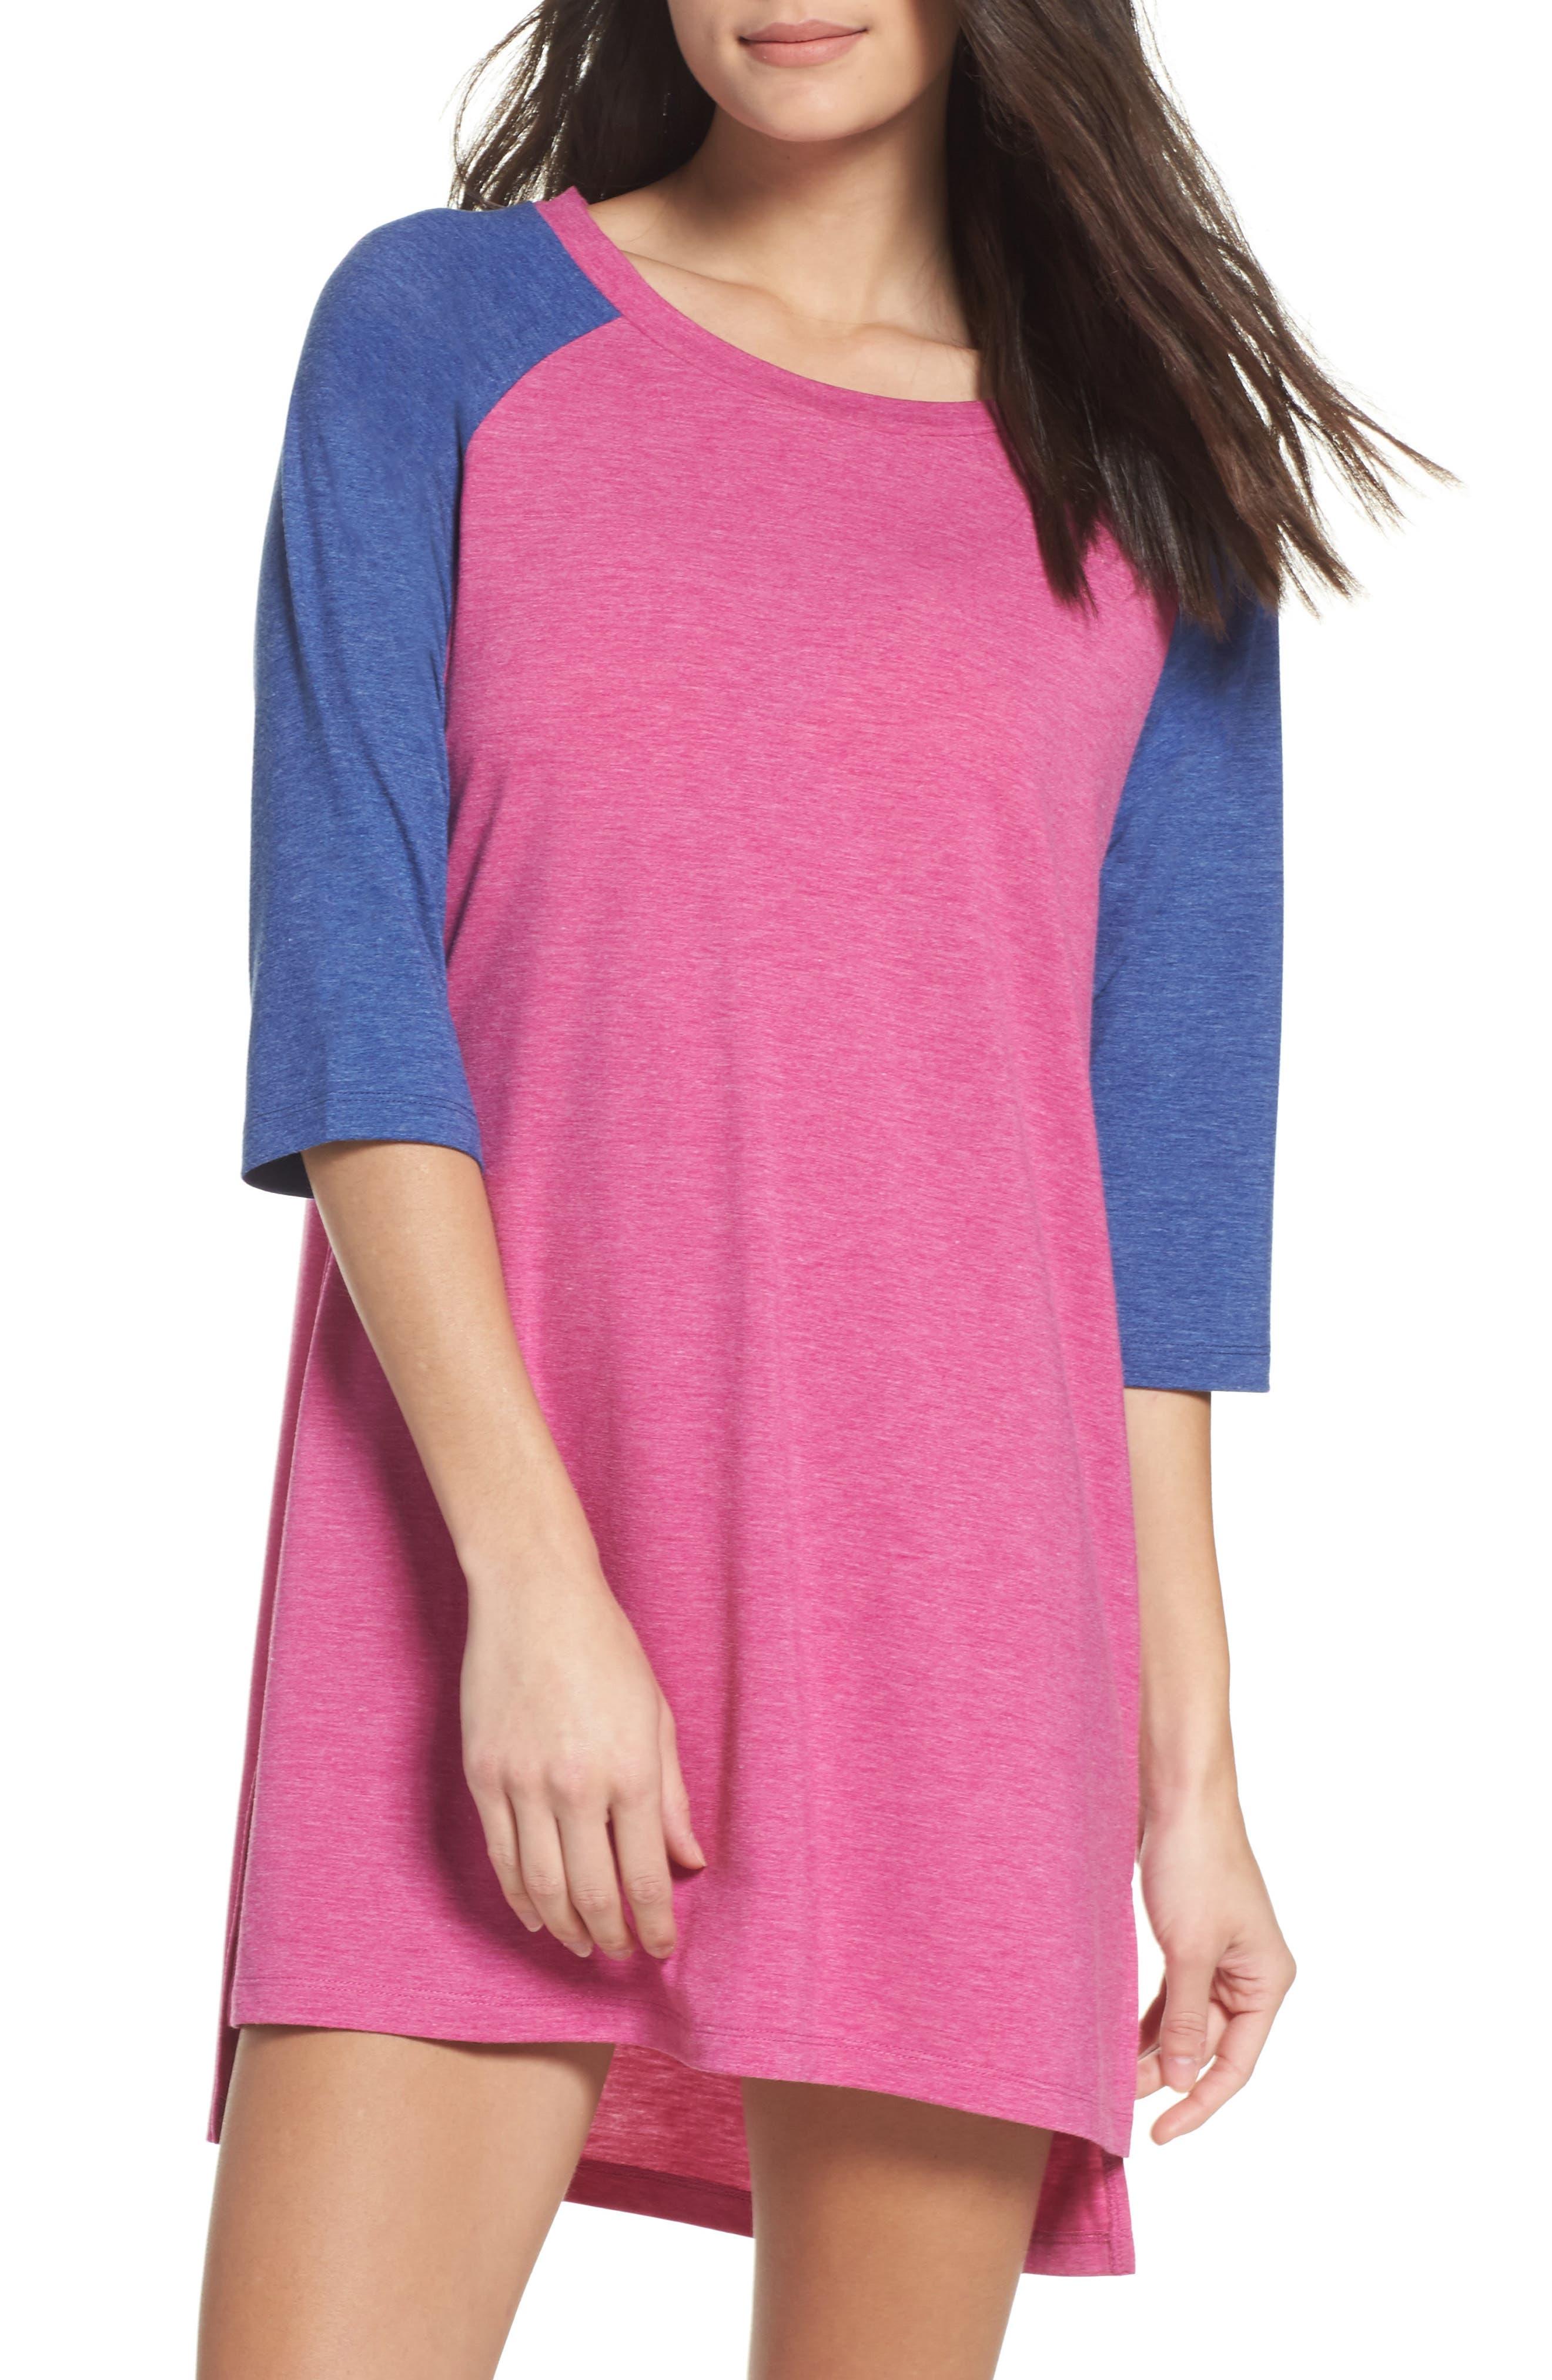 Honeydew Intimates Jersey Sleep Shirt